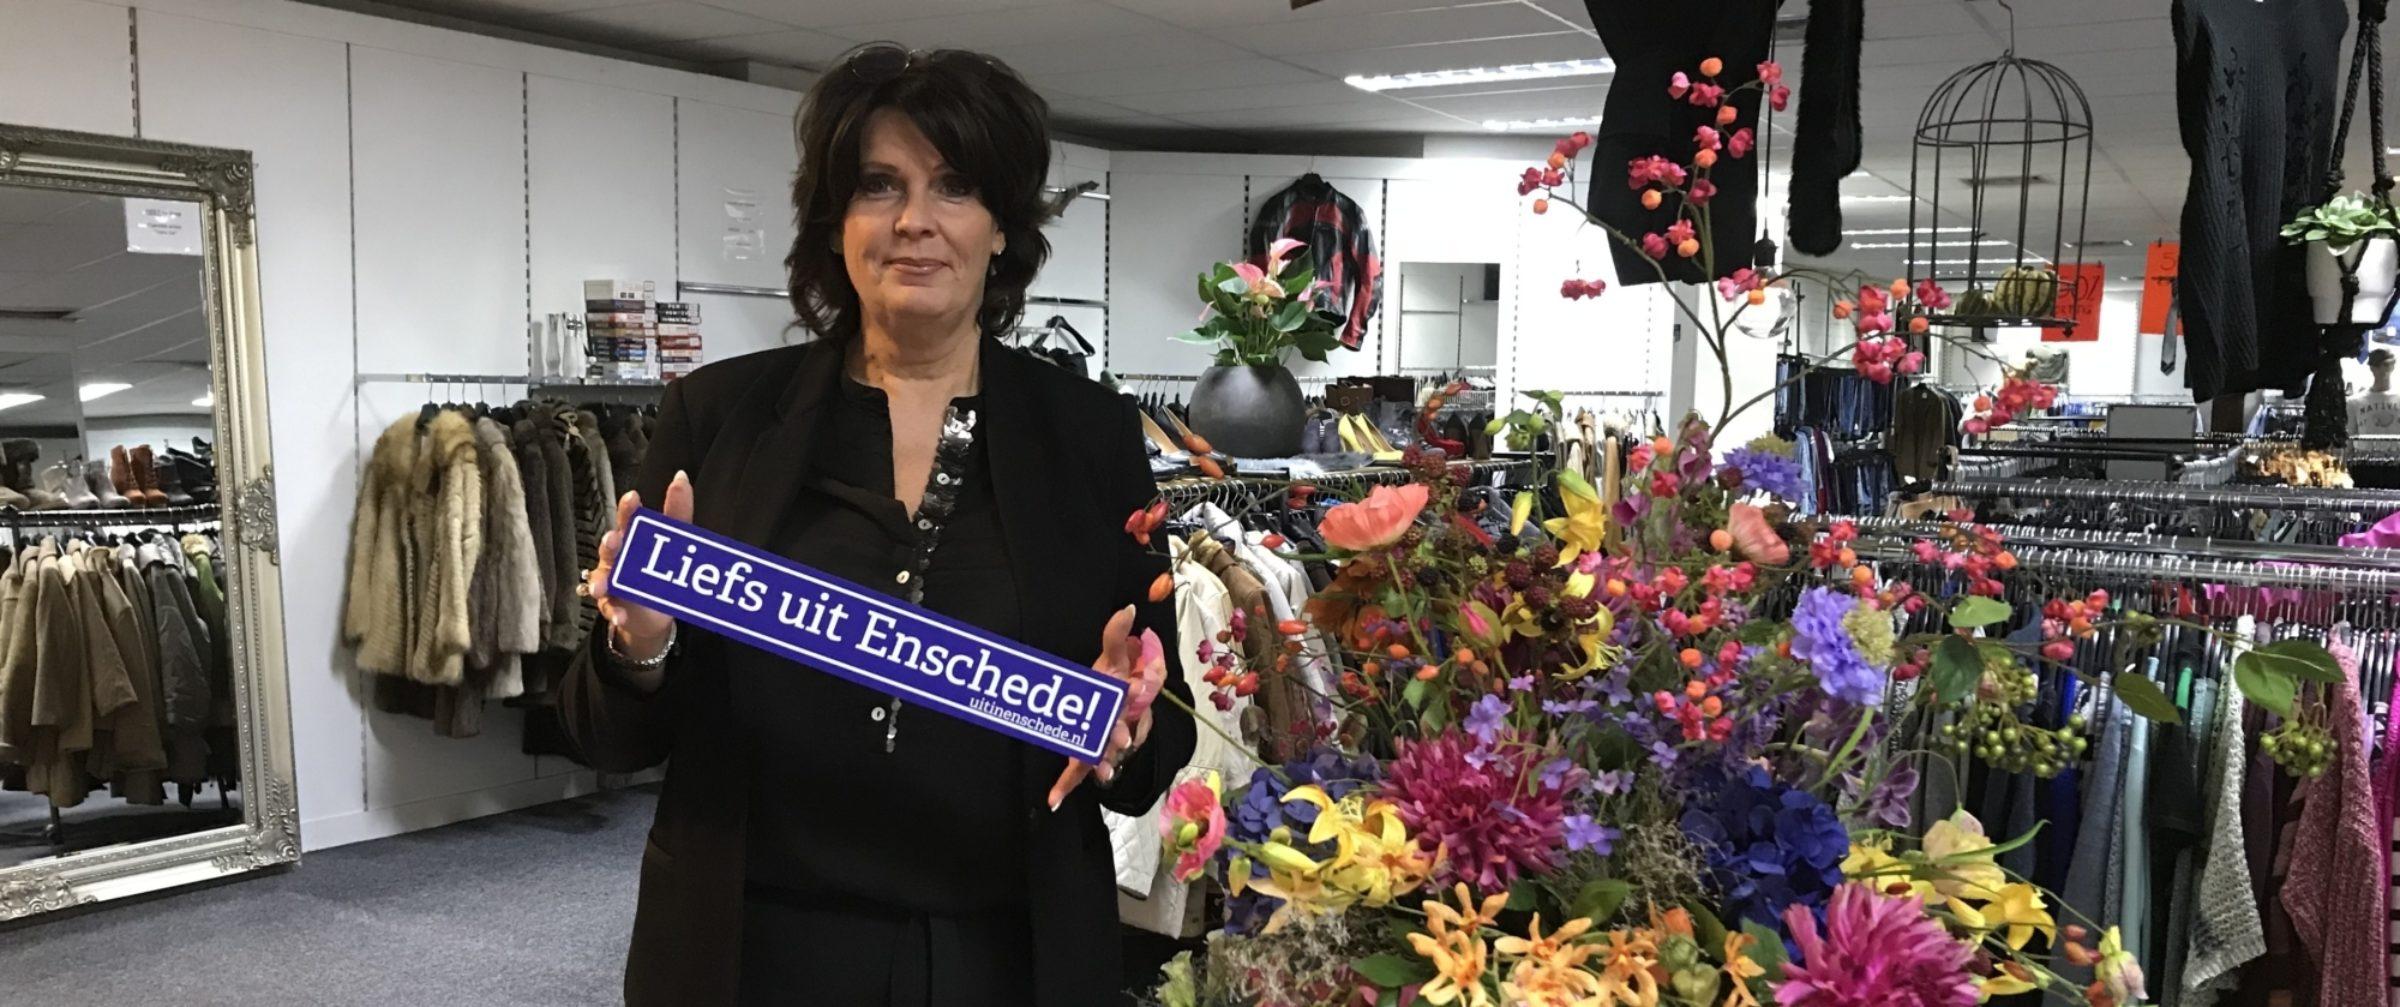 2019 Liefs uit Enschede Tante Cor 3640 1573563371 35hxrl2qio